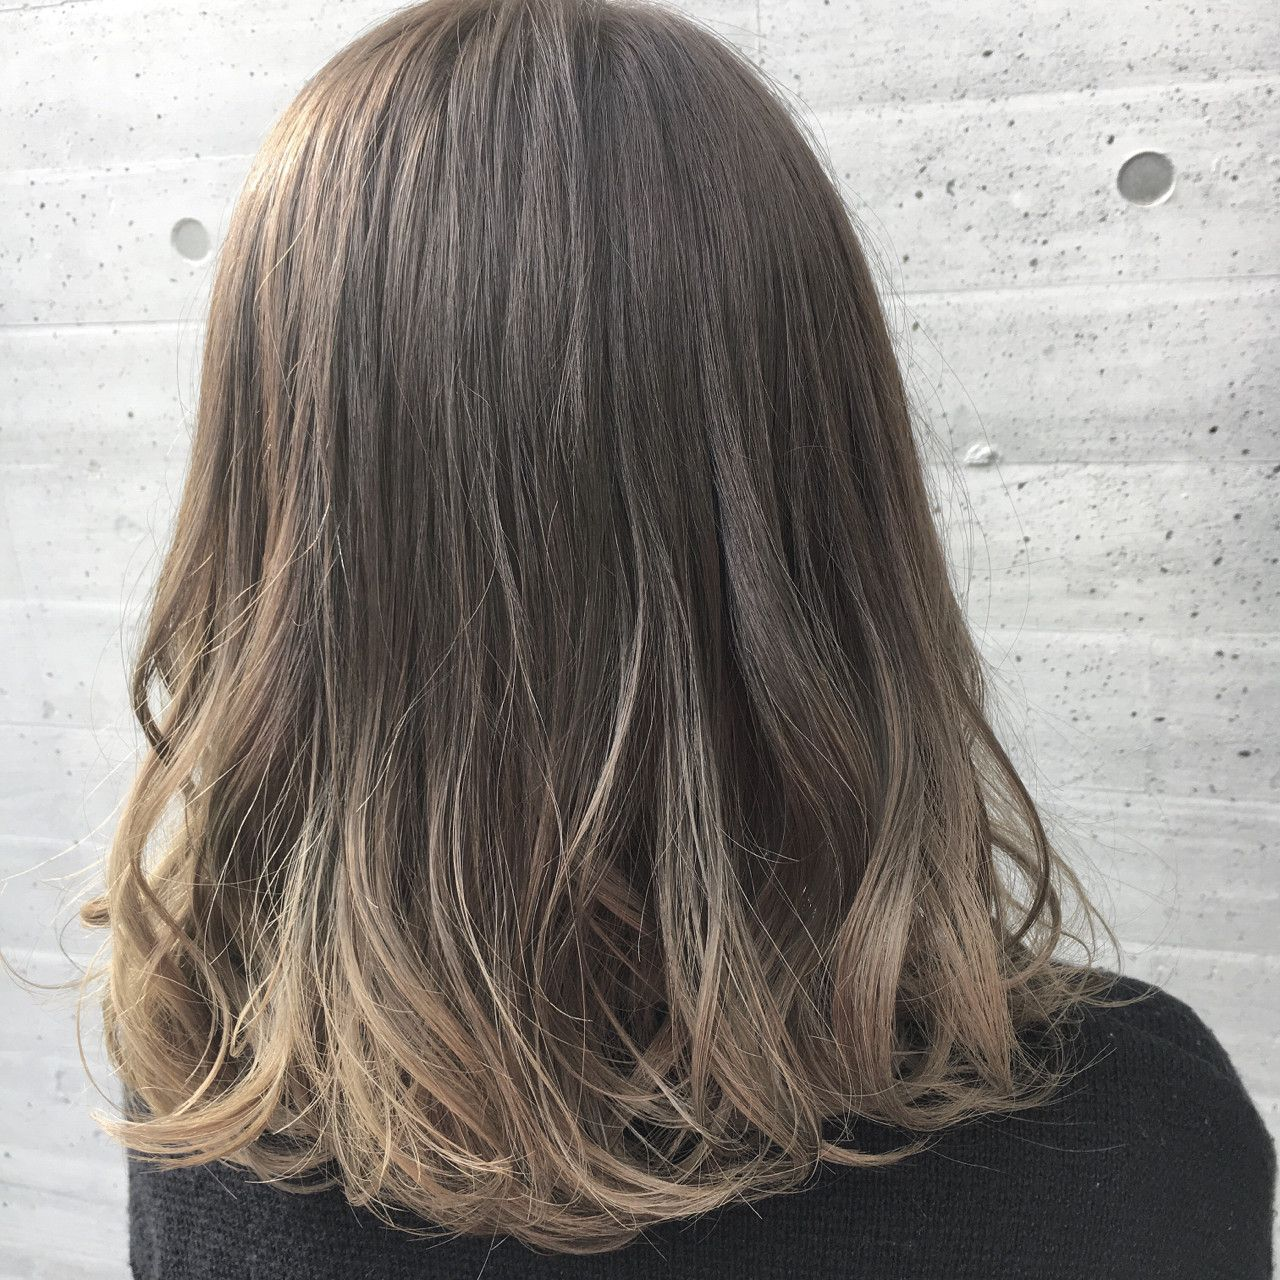 Ryusei 渋谷 女性目線 ミルクティーベージュ On Instagram 1番人気カラー説明 ミルクティーカラー 明るさ別の種類 服はシンプルに ヘアはまろやかな透け感